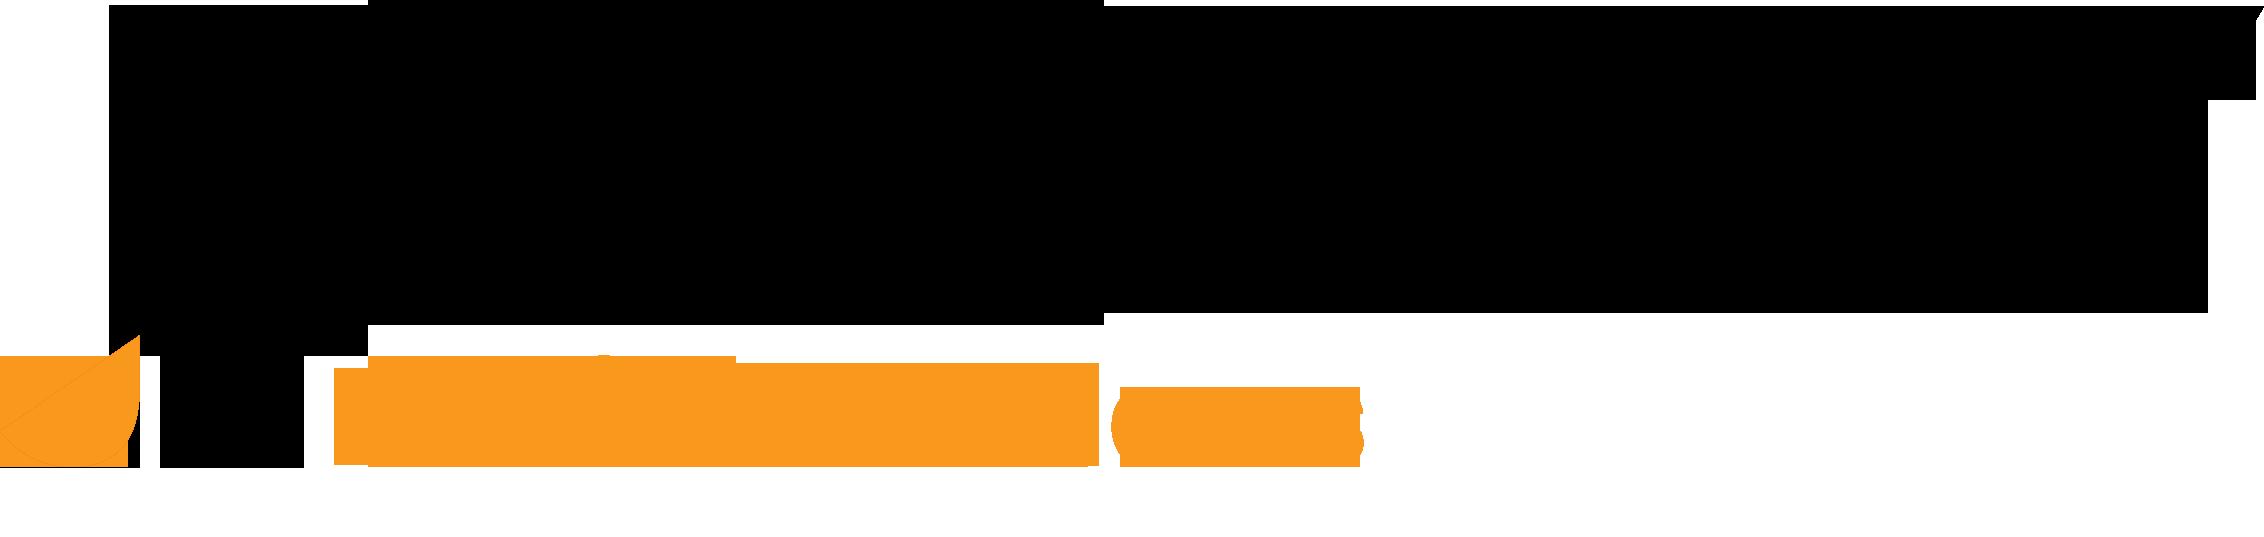 Joorney Business Plans